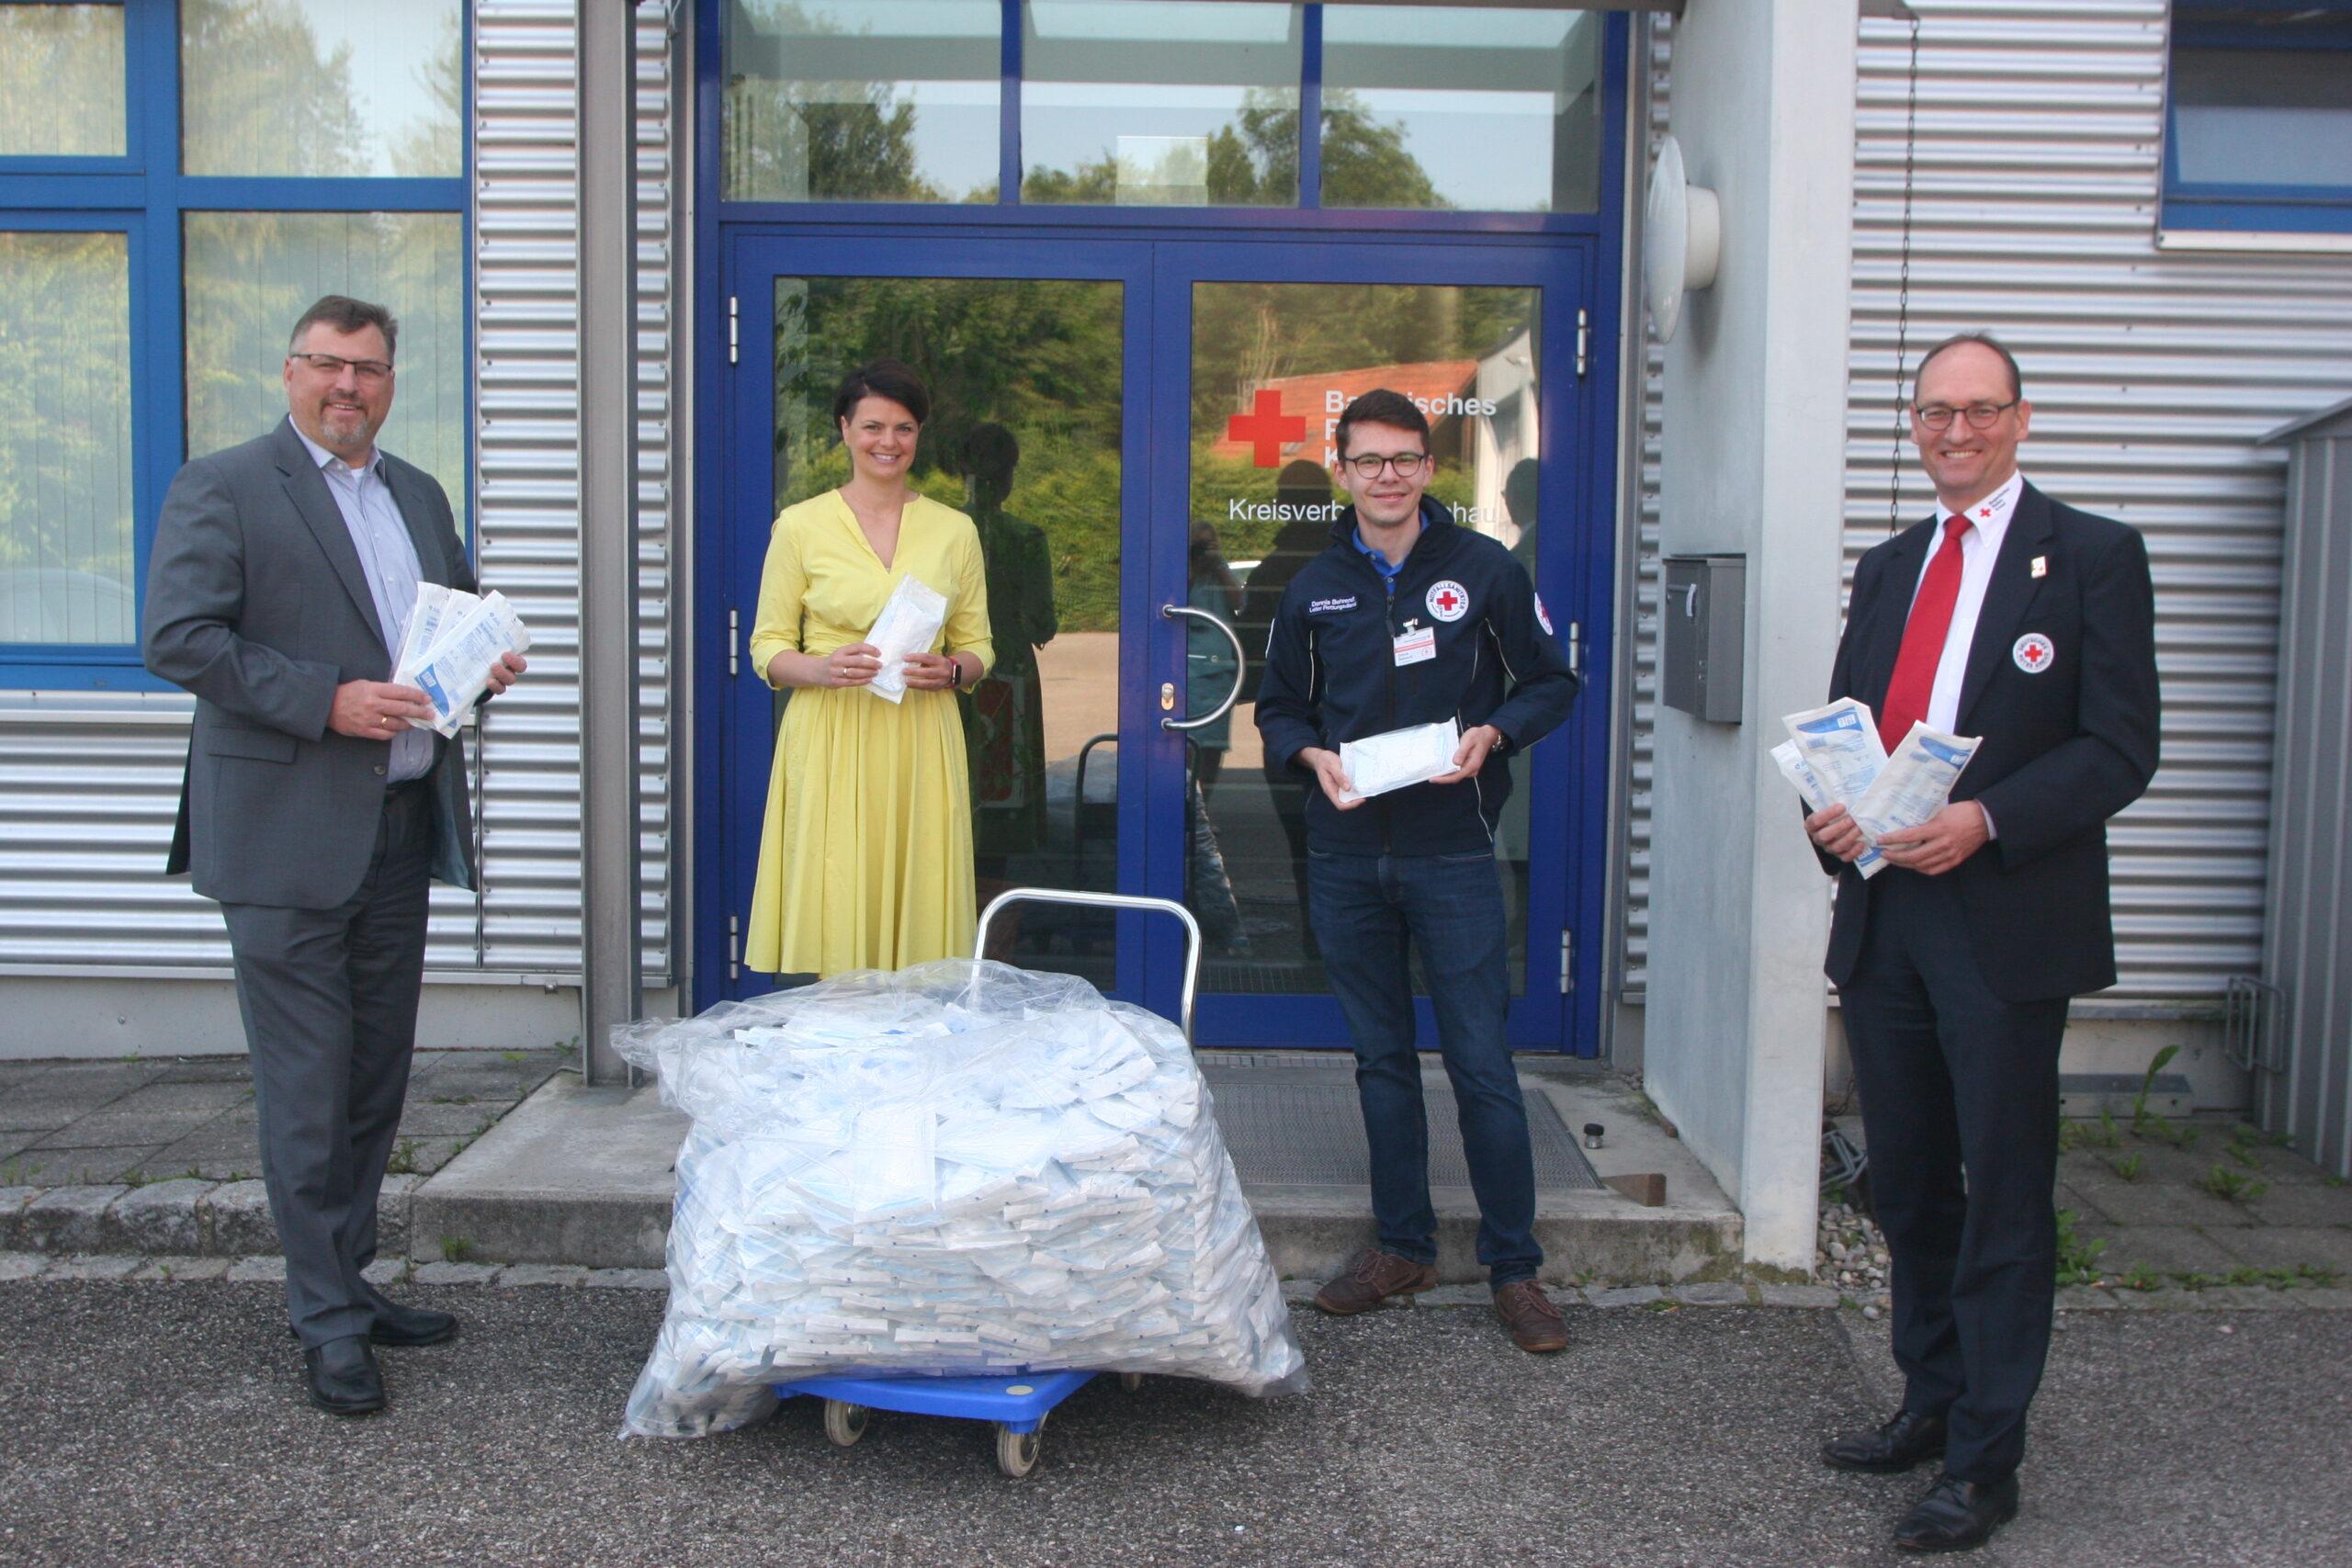 Foto (von links): Stefan Löwl, Katrin Staffler, Dennis Behrendt und Bernhard Seidenath vor der BRK-Rettungswache in Gröbenried